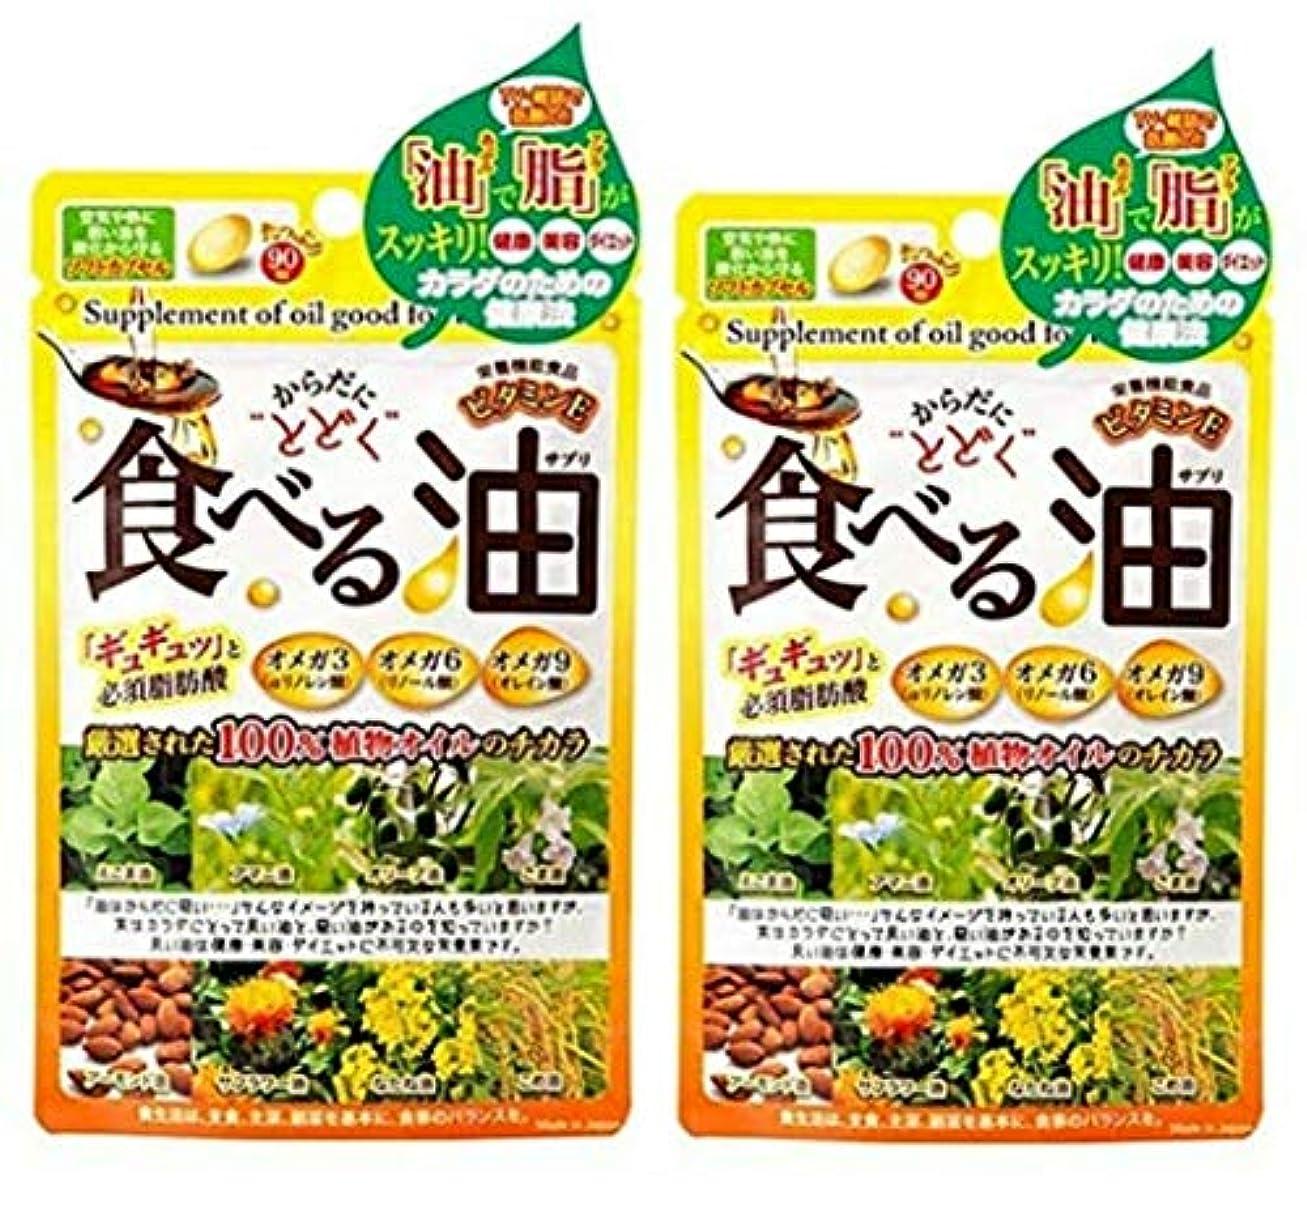 きゅうり釈義セクション(2袋セット)ジャパンギャルズ からだにとどく 食べる油 90粒